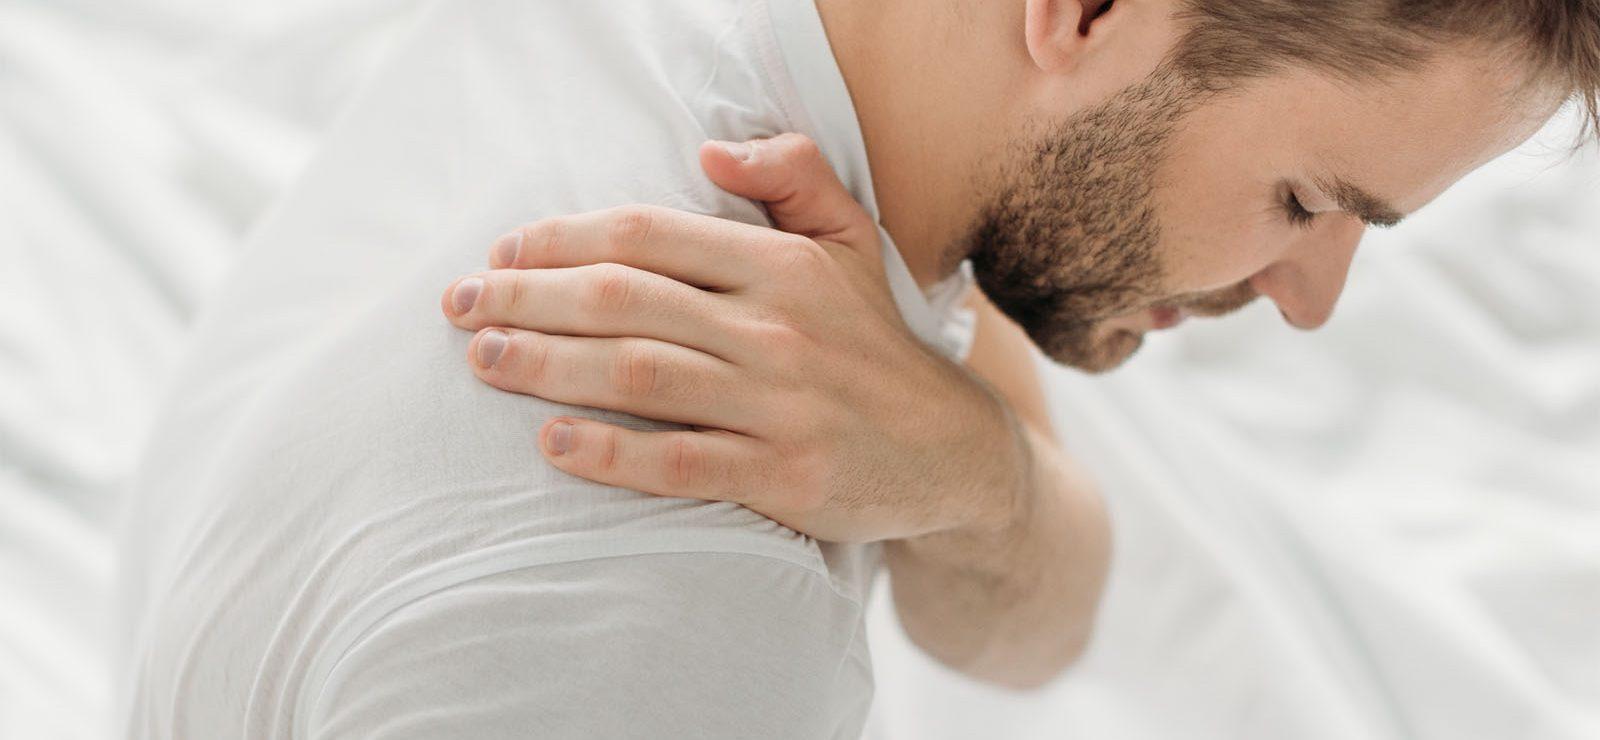 Cómo saber si padeces una tendinitis de hombro